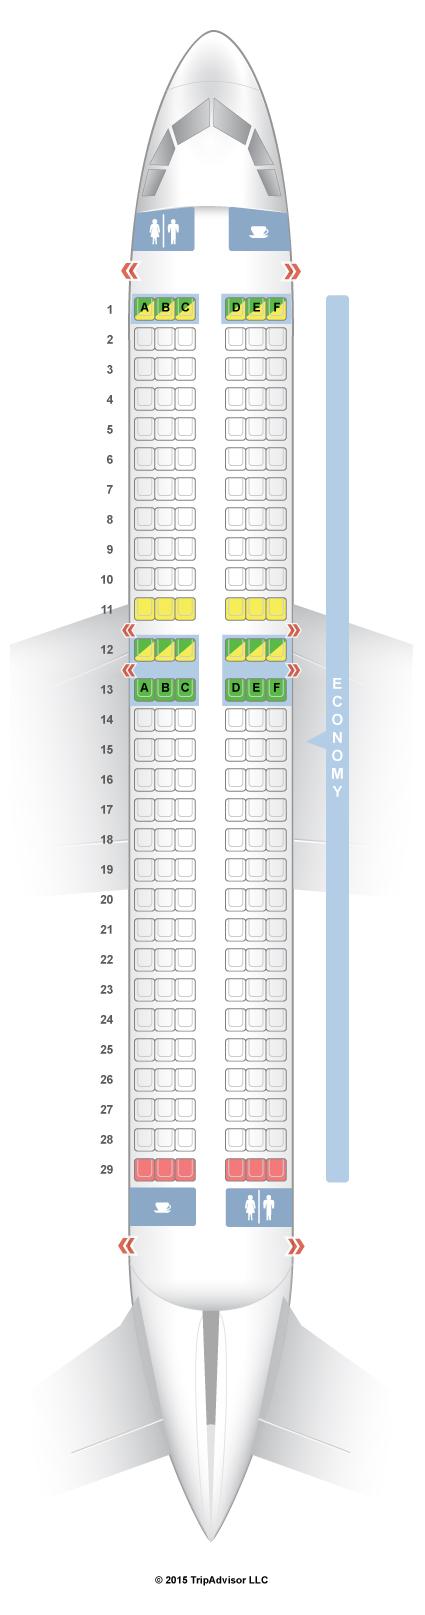 Seatguru Seat Map Wow Air Airbus A320 320 Travel Plane Seats